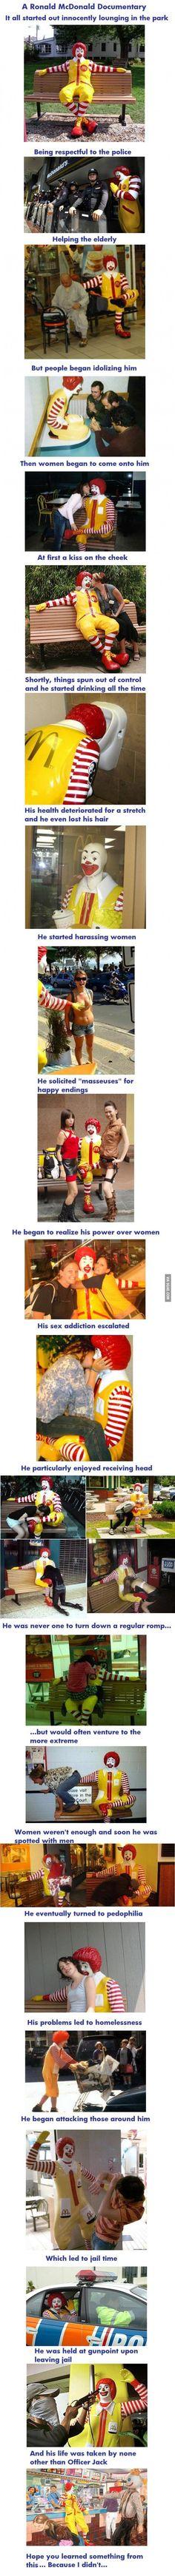 The sad life of Ronald McDonald.